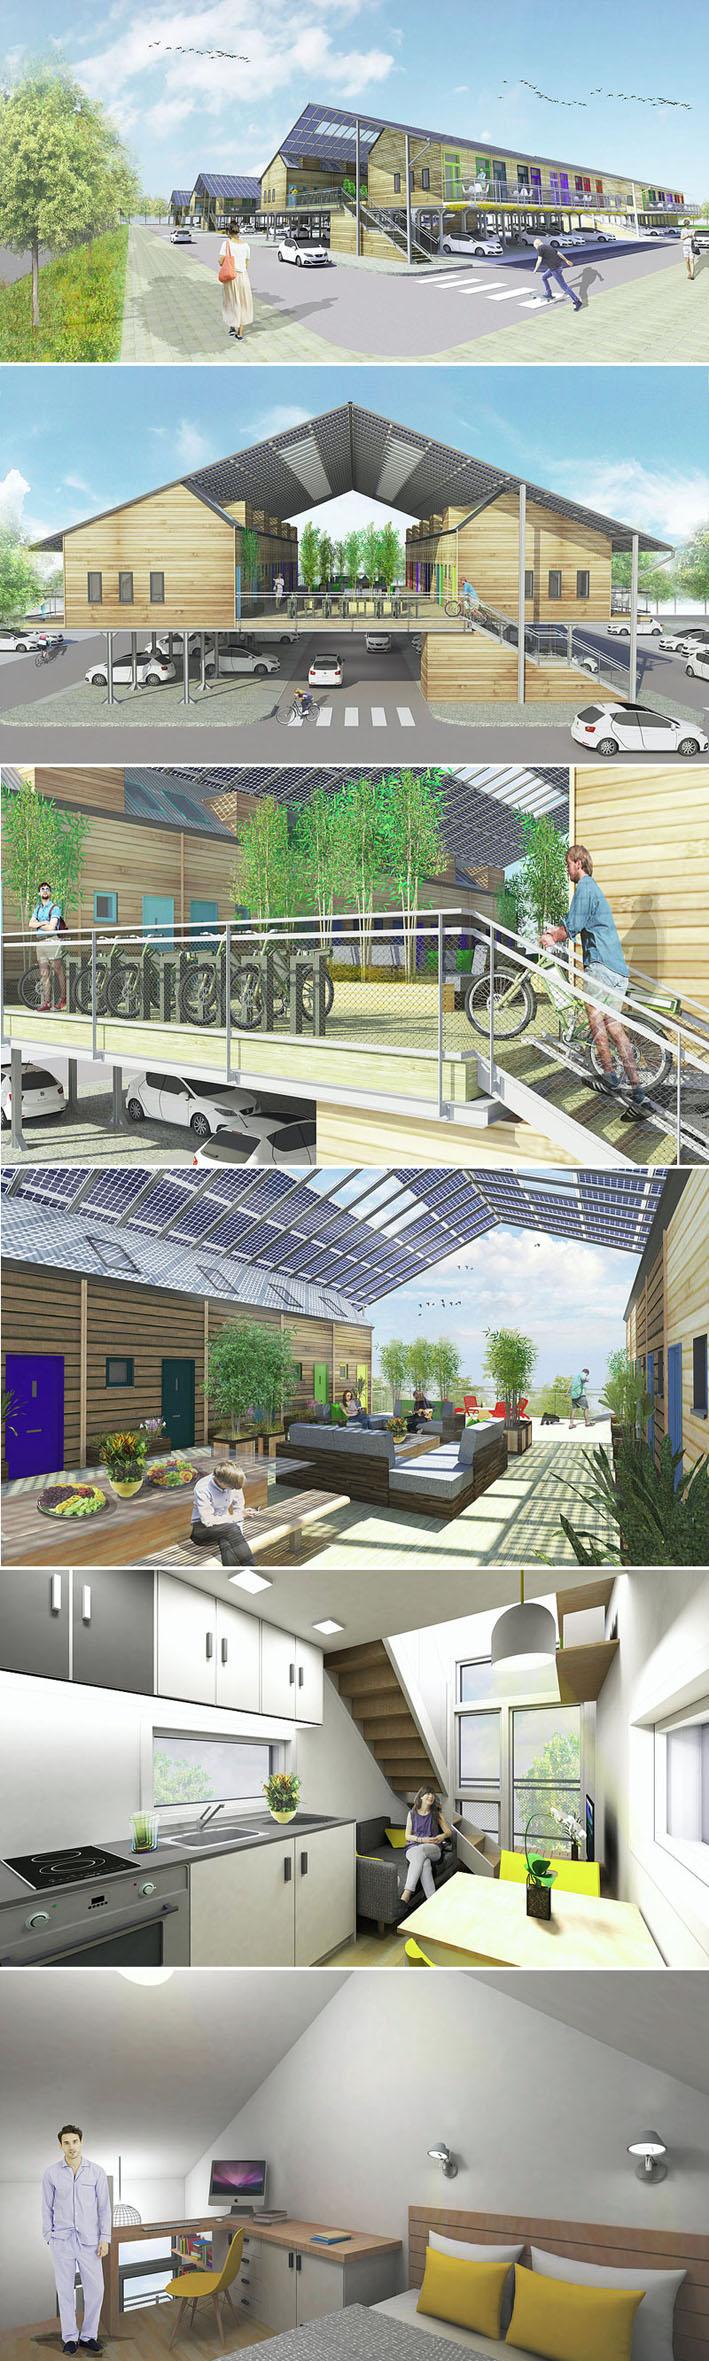 ZEDpod é um novo conceito de construir casas pré fabricadas sobre estacionamentos  stylo urbano